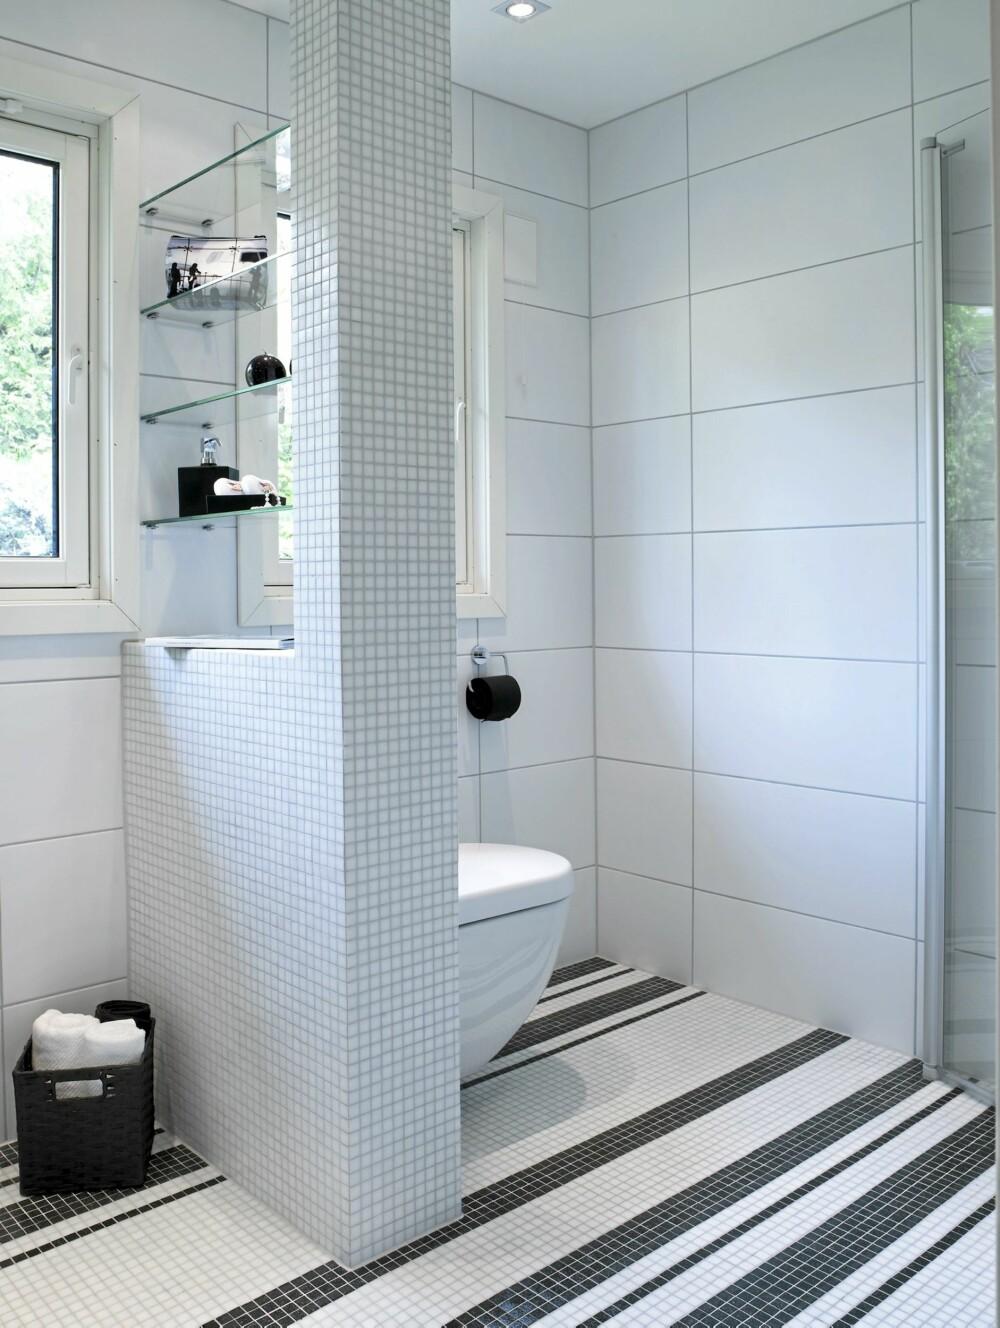 SKILLEVEGG: Toalettet er festet på den halve skilleveggen. Slik blir ikke toalettet så fremtredende på det nye baderommet. Sisternen er plassert inne i skilleveggen.